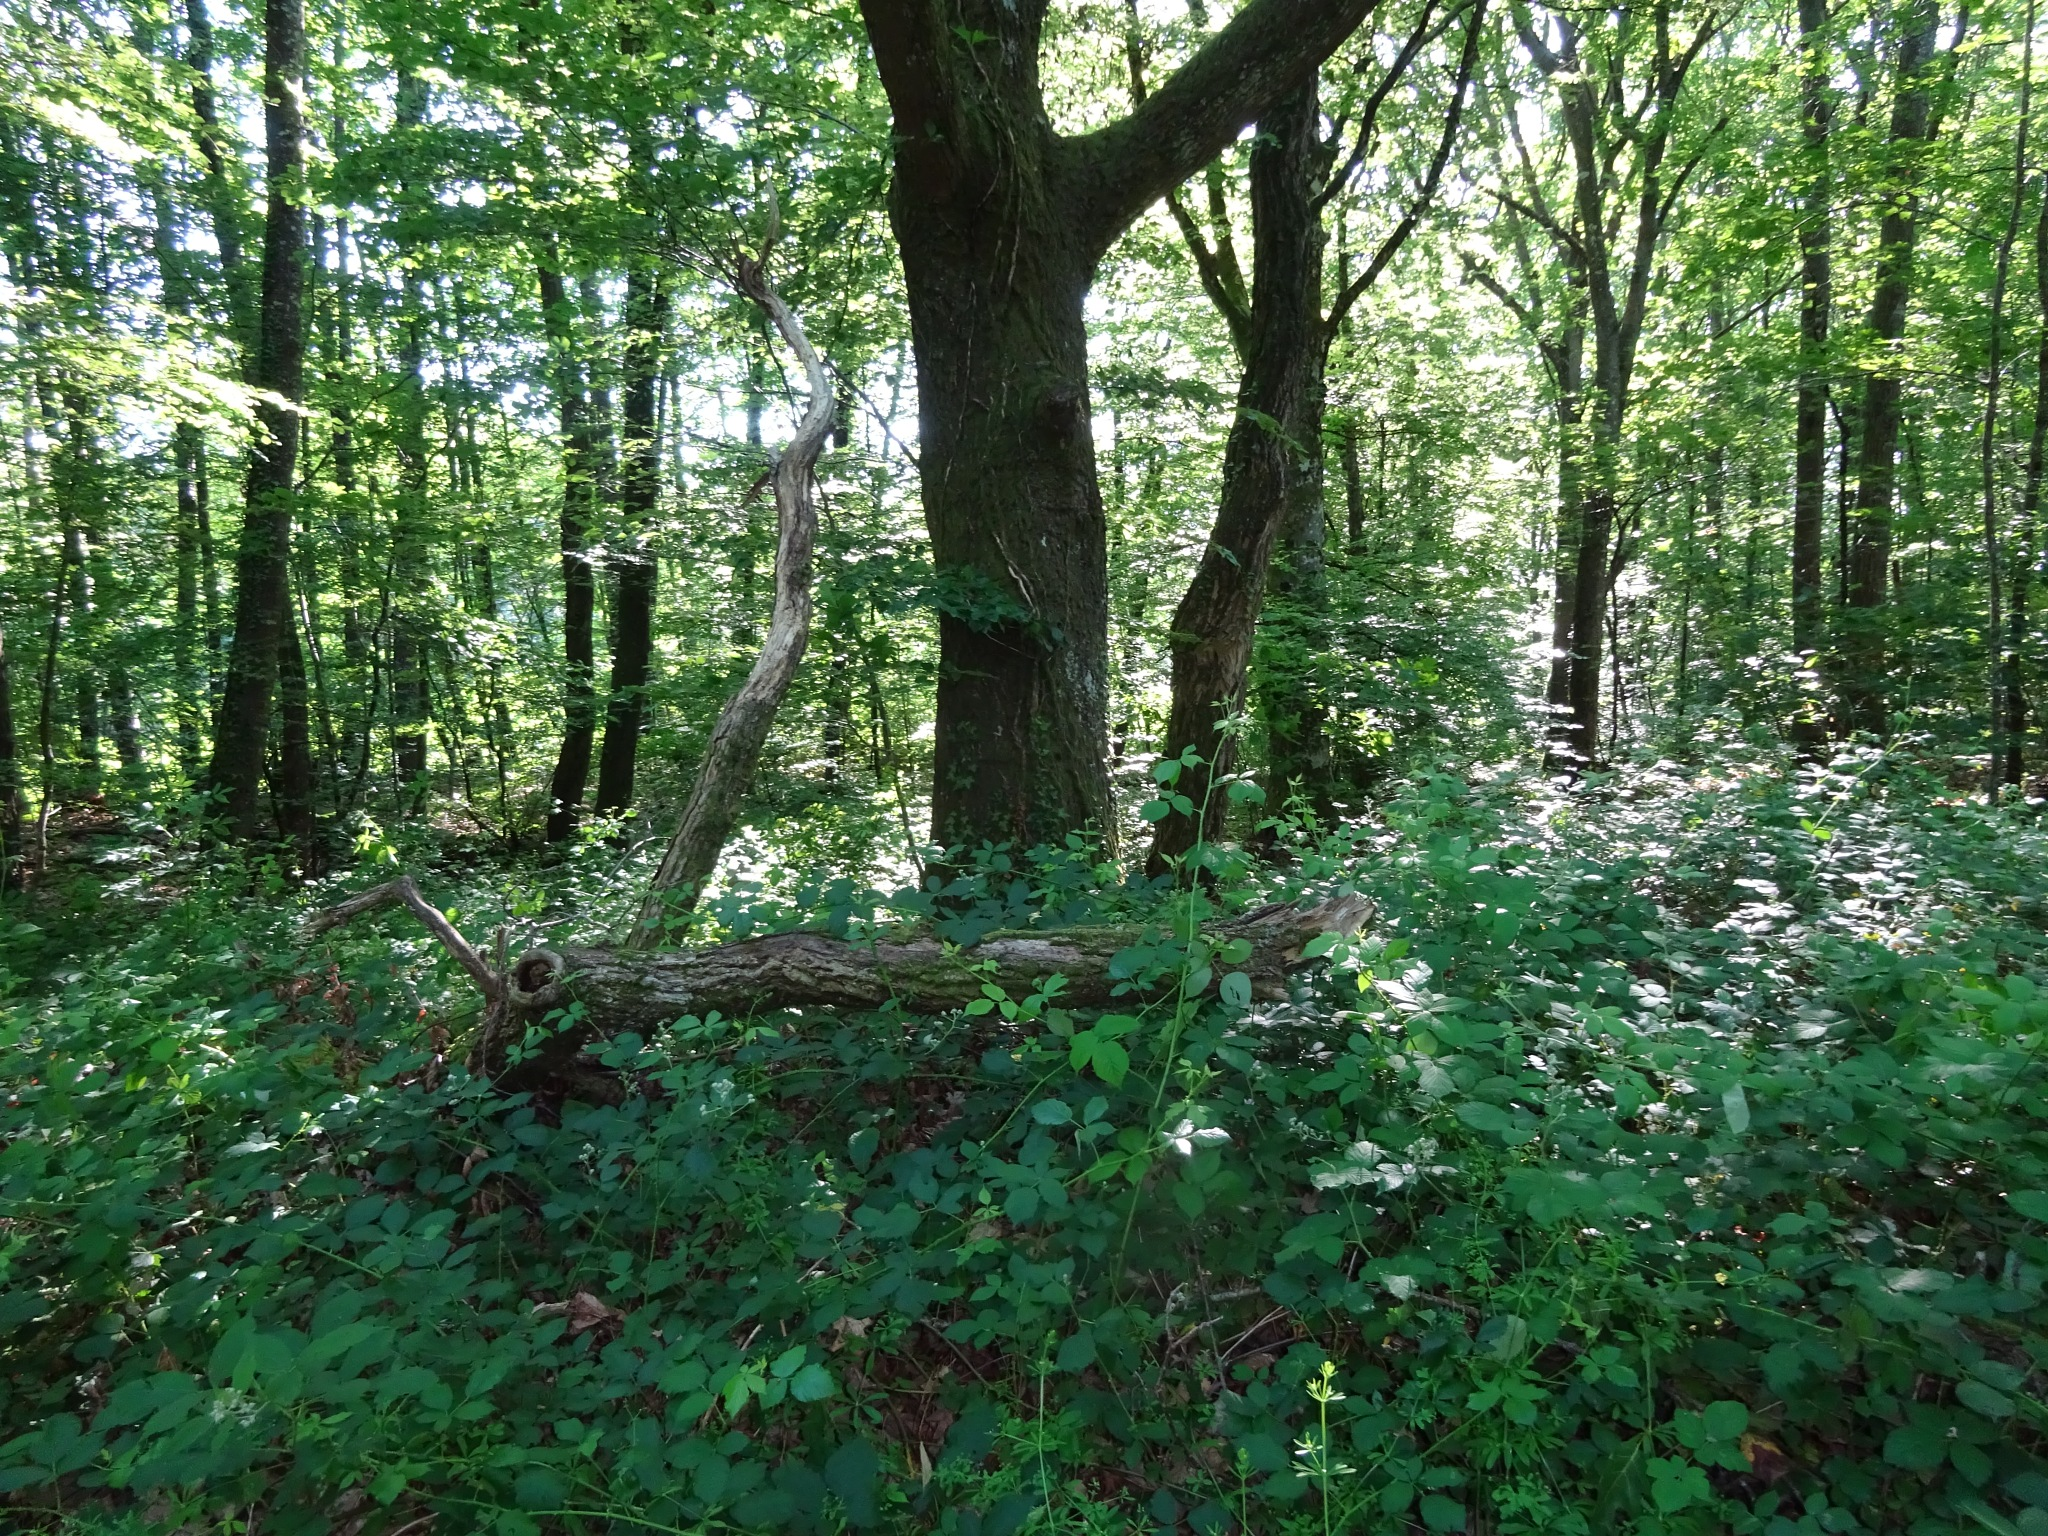 dans la verte forêt by bernadette b